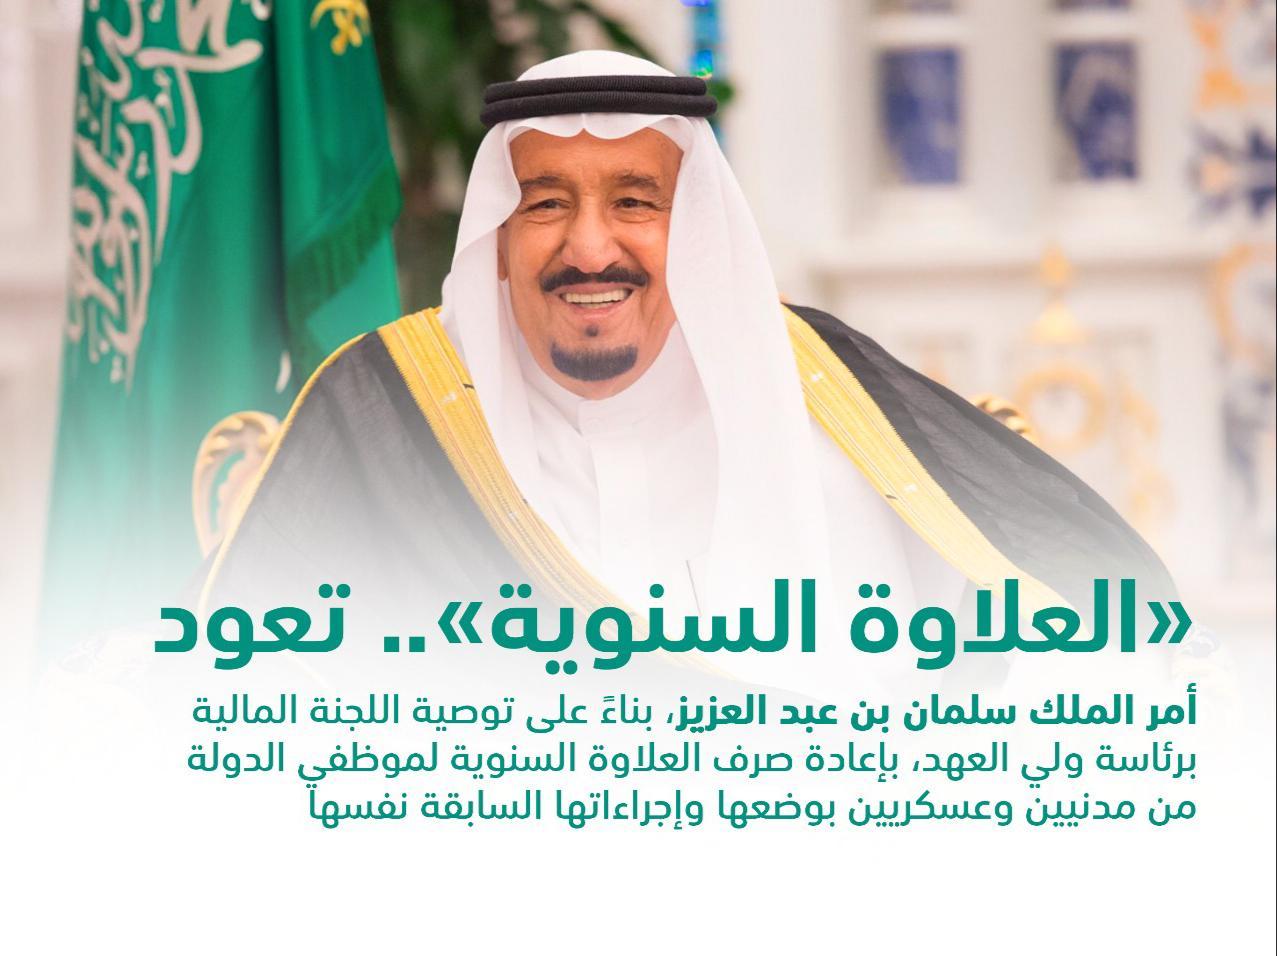 شكرًا خادم الحرمين الشريفين .. راهنوا على إفلاس المملكة فصفعهم قرار إعادة العلاوة